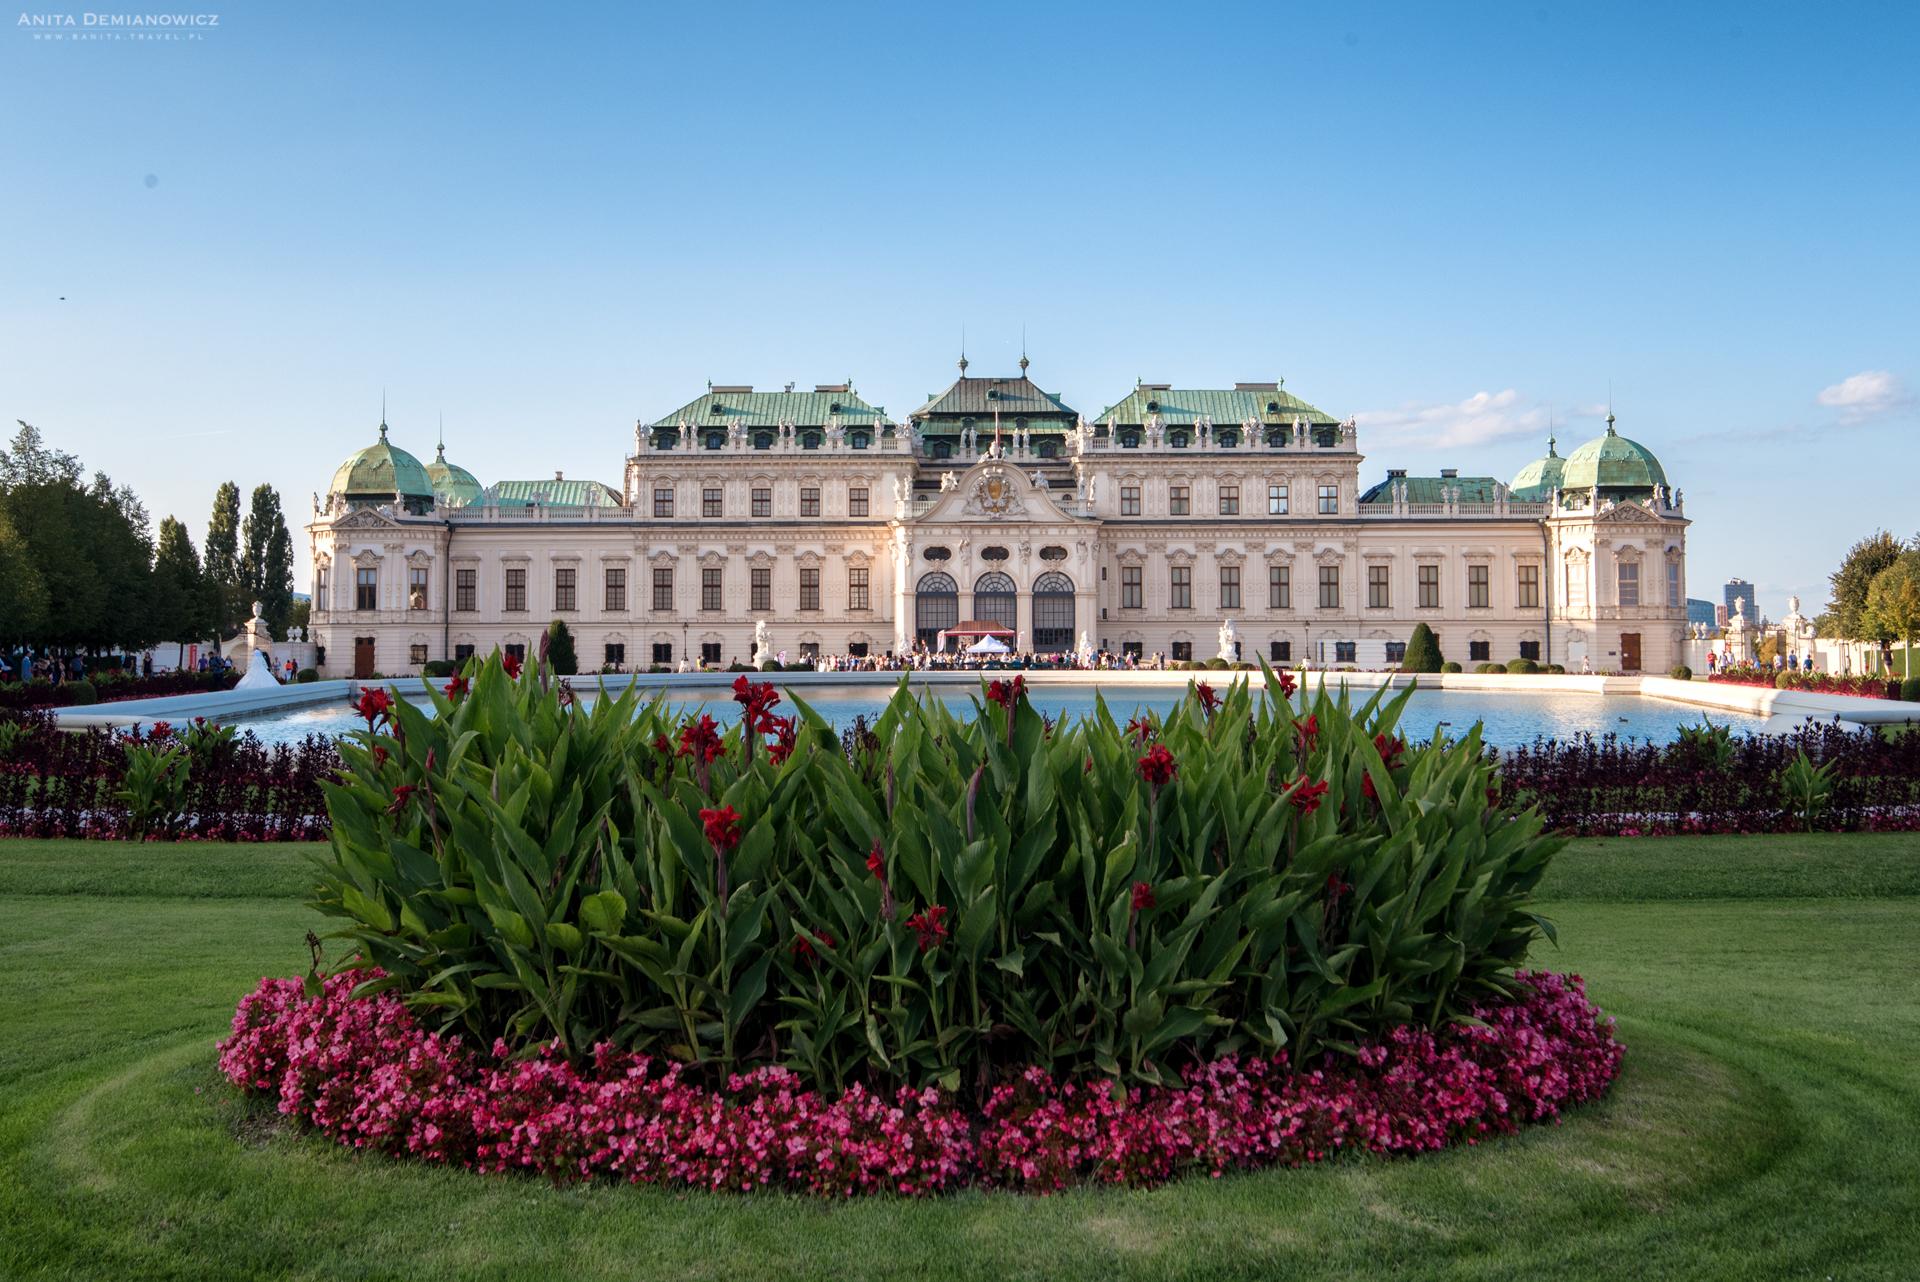 Pałac-Belwedere,-Austria,-Wiedeń